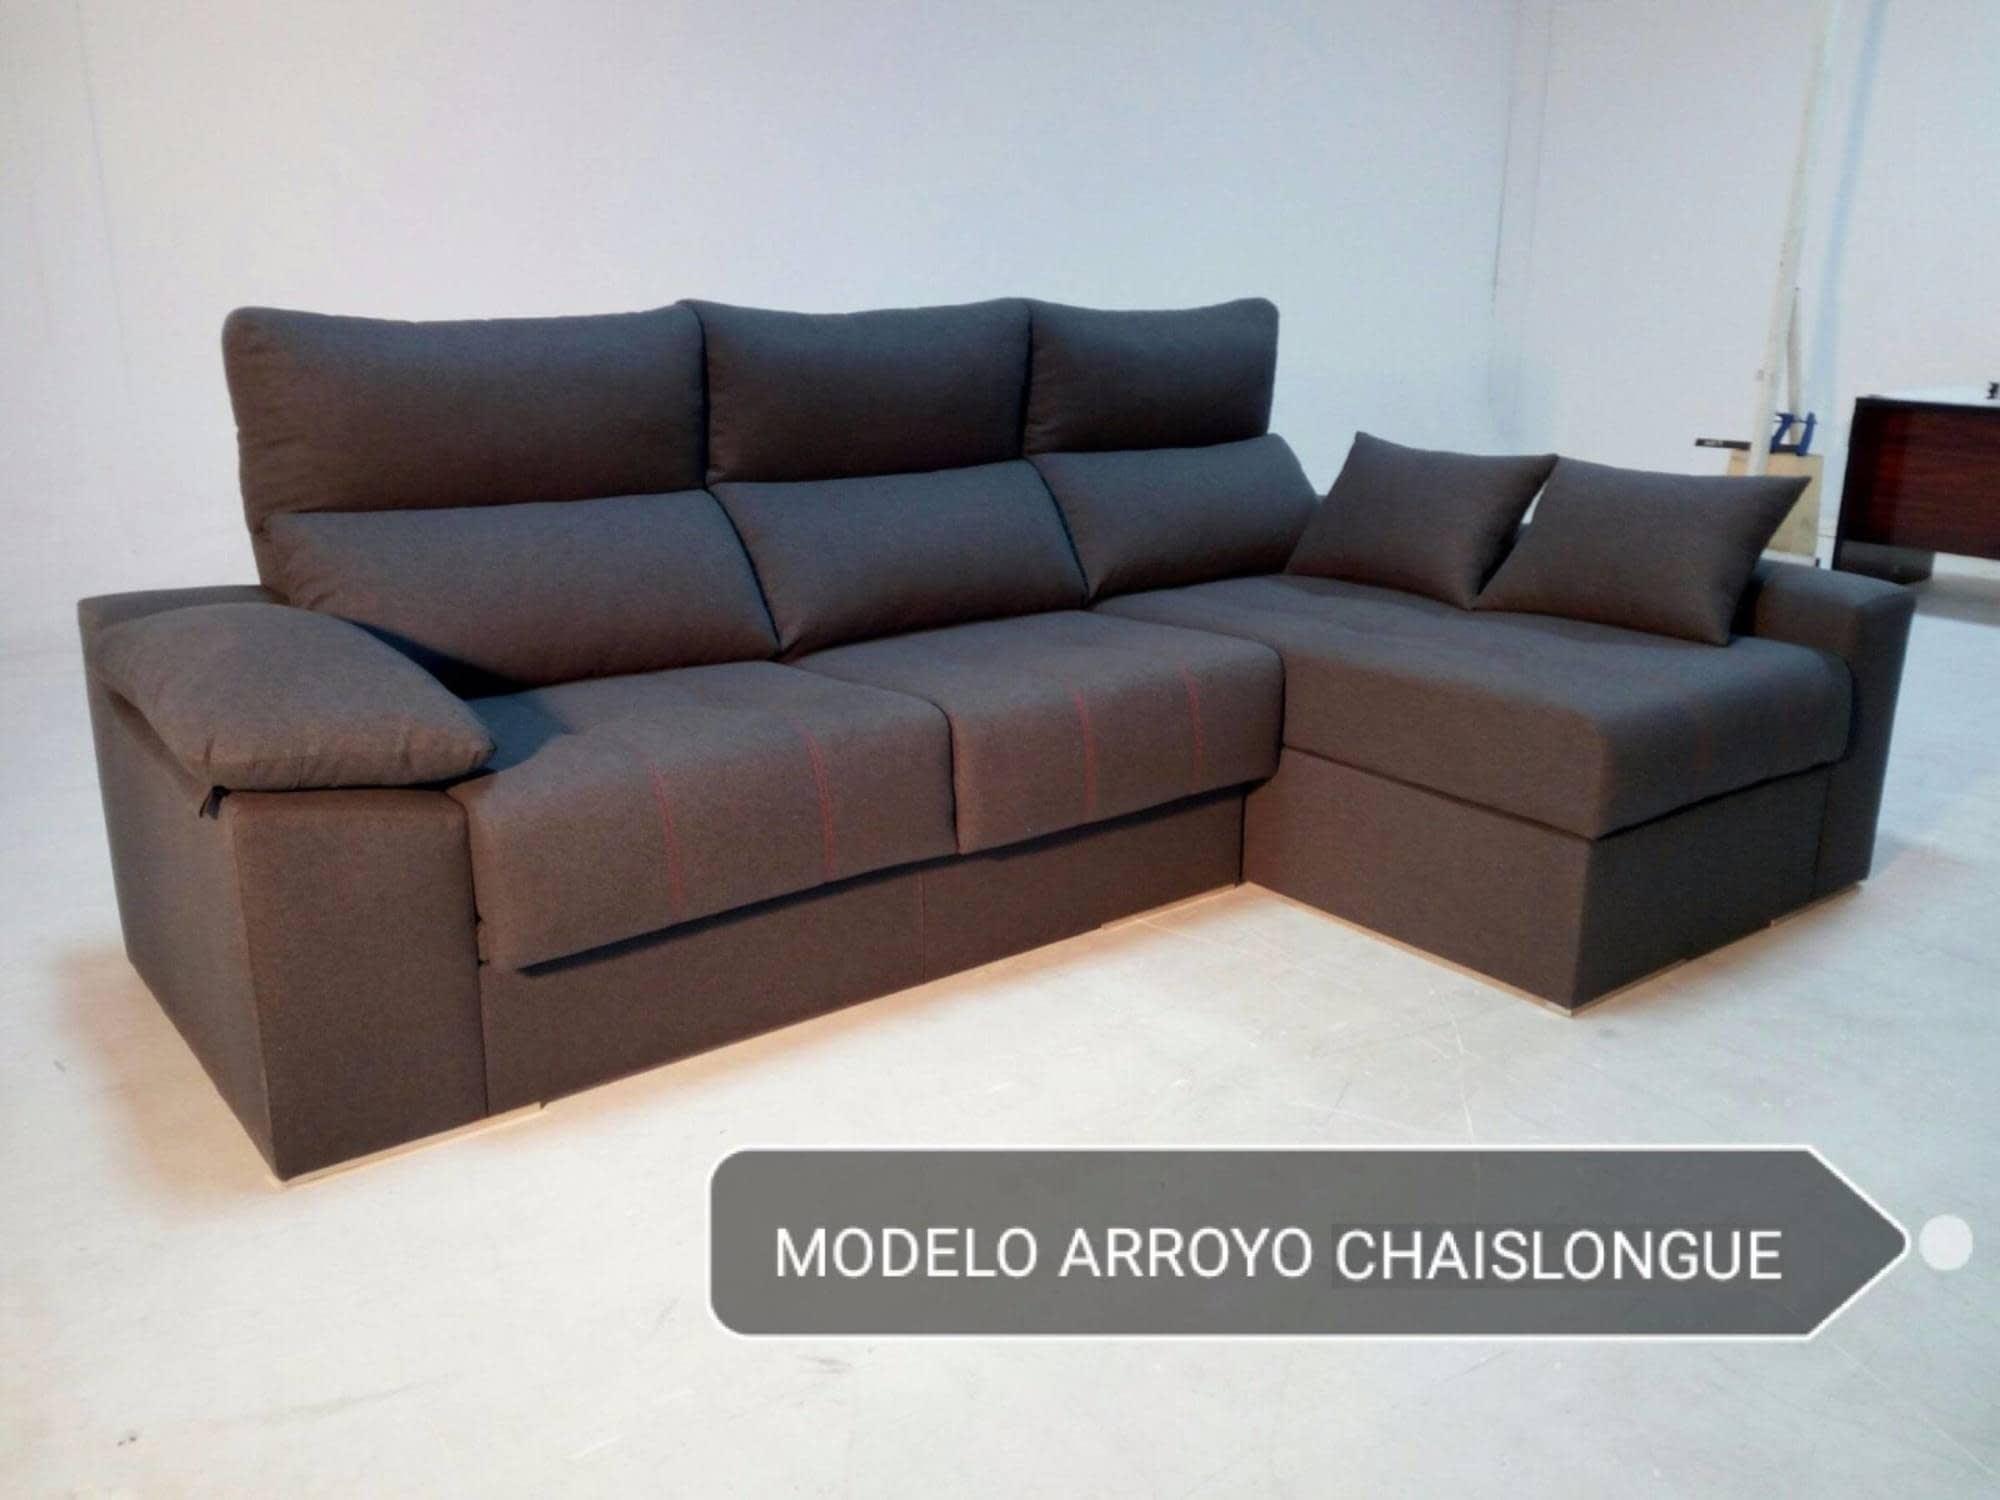 Muebles y sofas obtenga ideas dise o de muebles para su hogar aqu - Muebles cabrera huelva catalogo ...